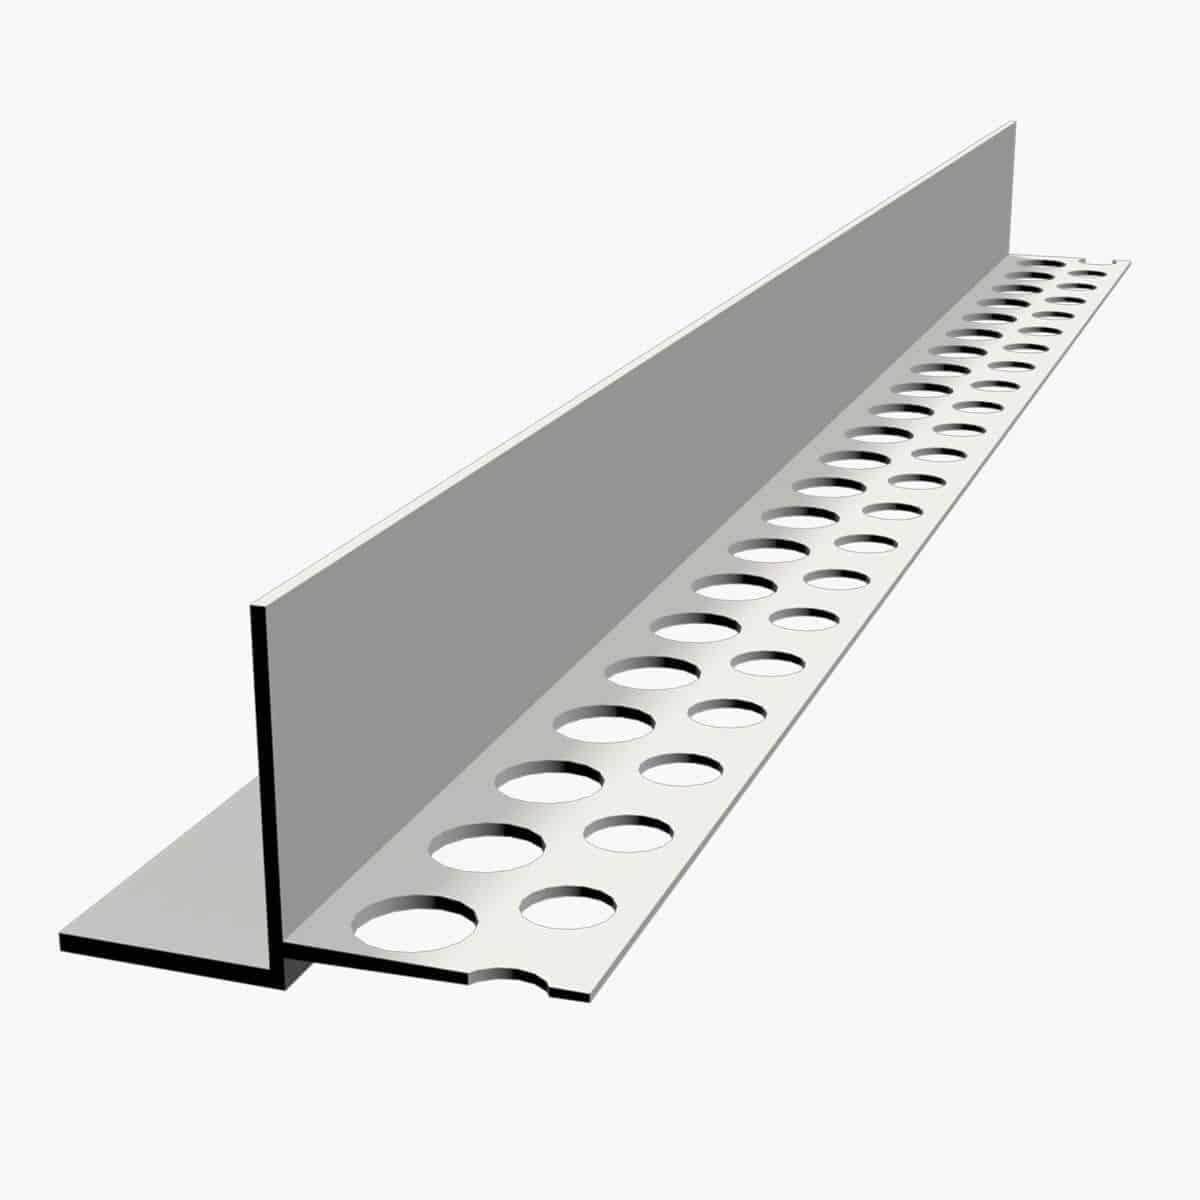 Nouveau TEMPOLISTEL B105 Profilé de transition pour jonction faux plafond plaque de plâtre et démontable avec un coté à enduire